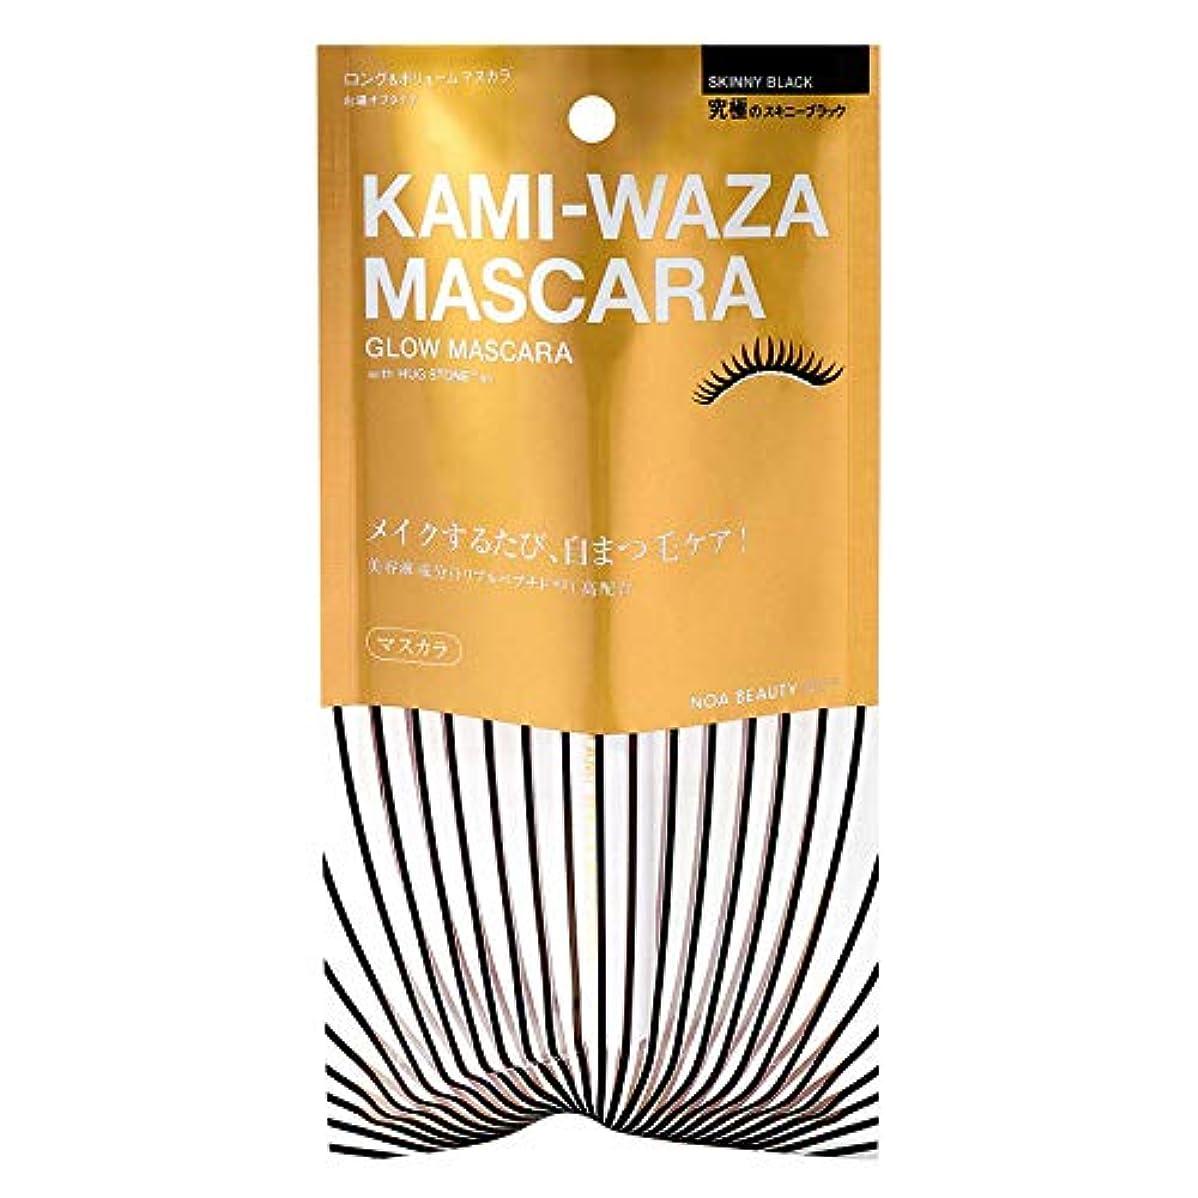 システムブリッジ省KAMI-WAZA(カミワザ) MASCARA 〈美容マスカラ〉 KWM01 (8g)